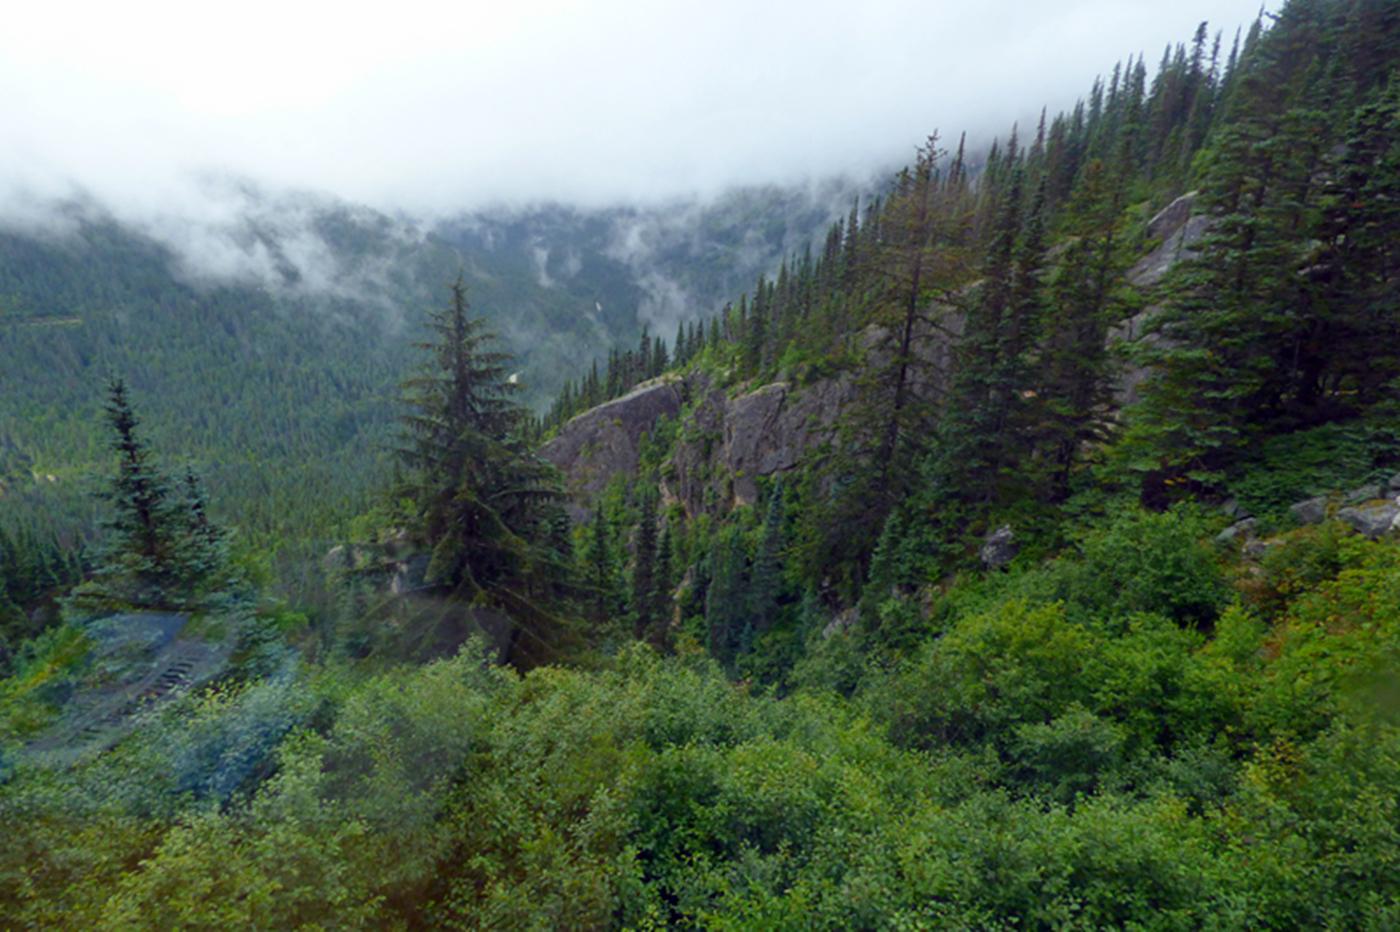 阿拉斯加,那山、那水、那人……_图1-20